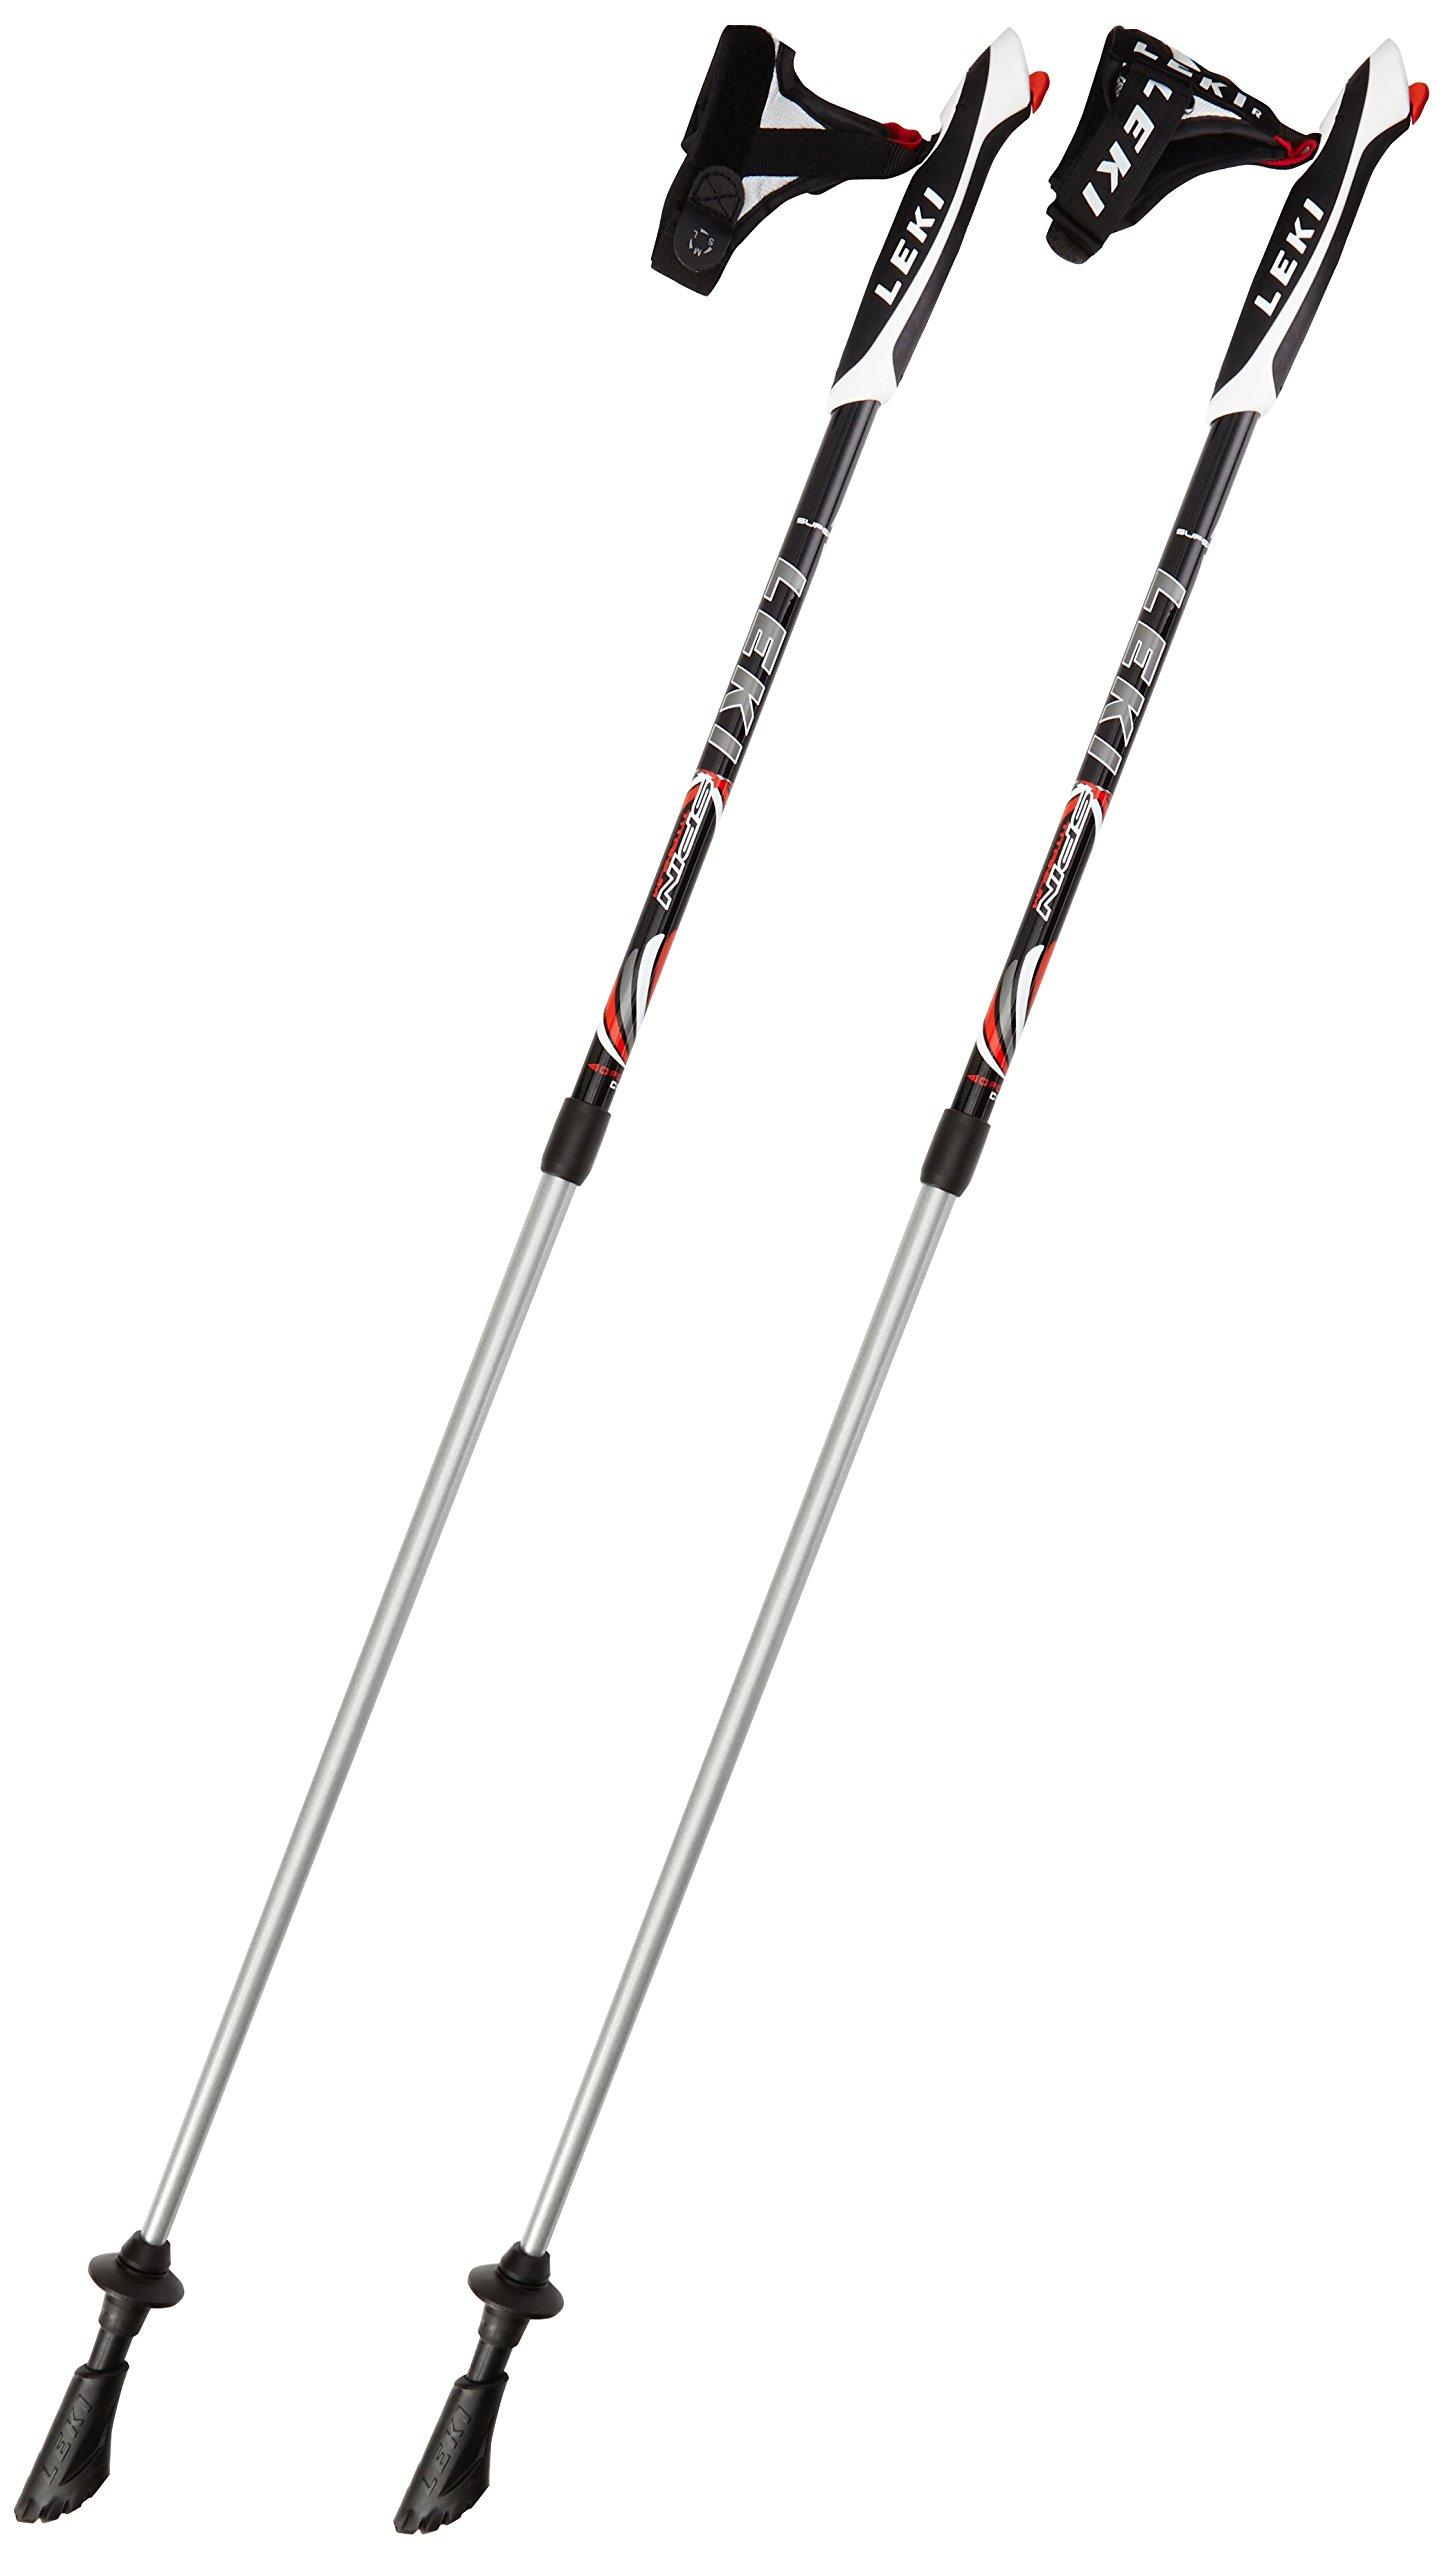 Leki Spin Nordic Walking Stick - Black, 39.3-51.1inch by Leki (Image #1)